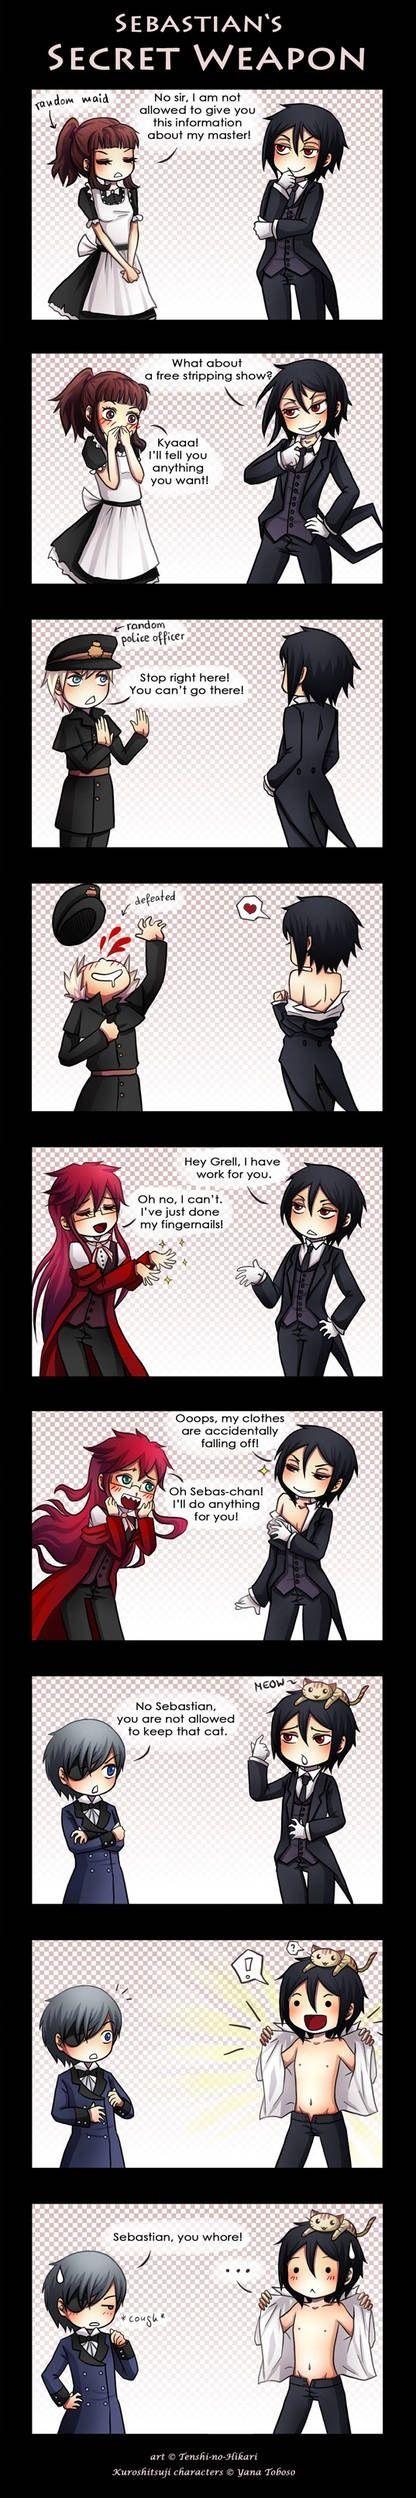 Sebastian, you whore